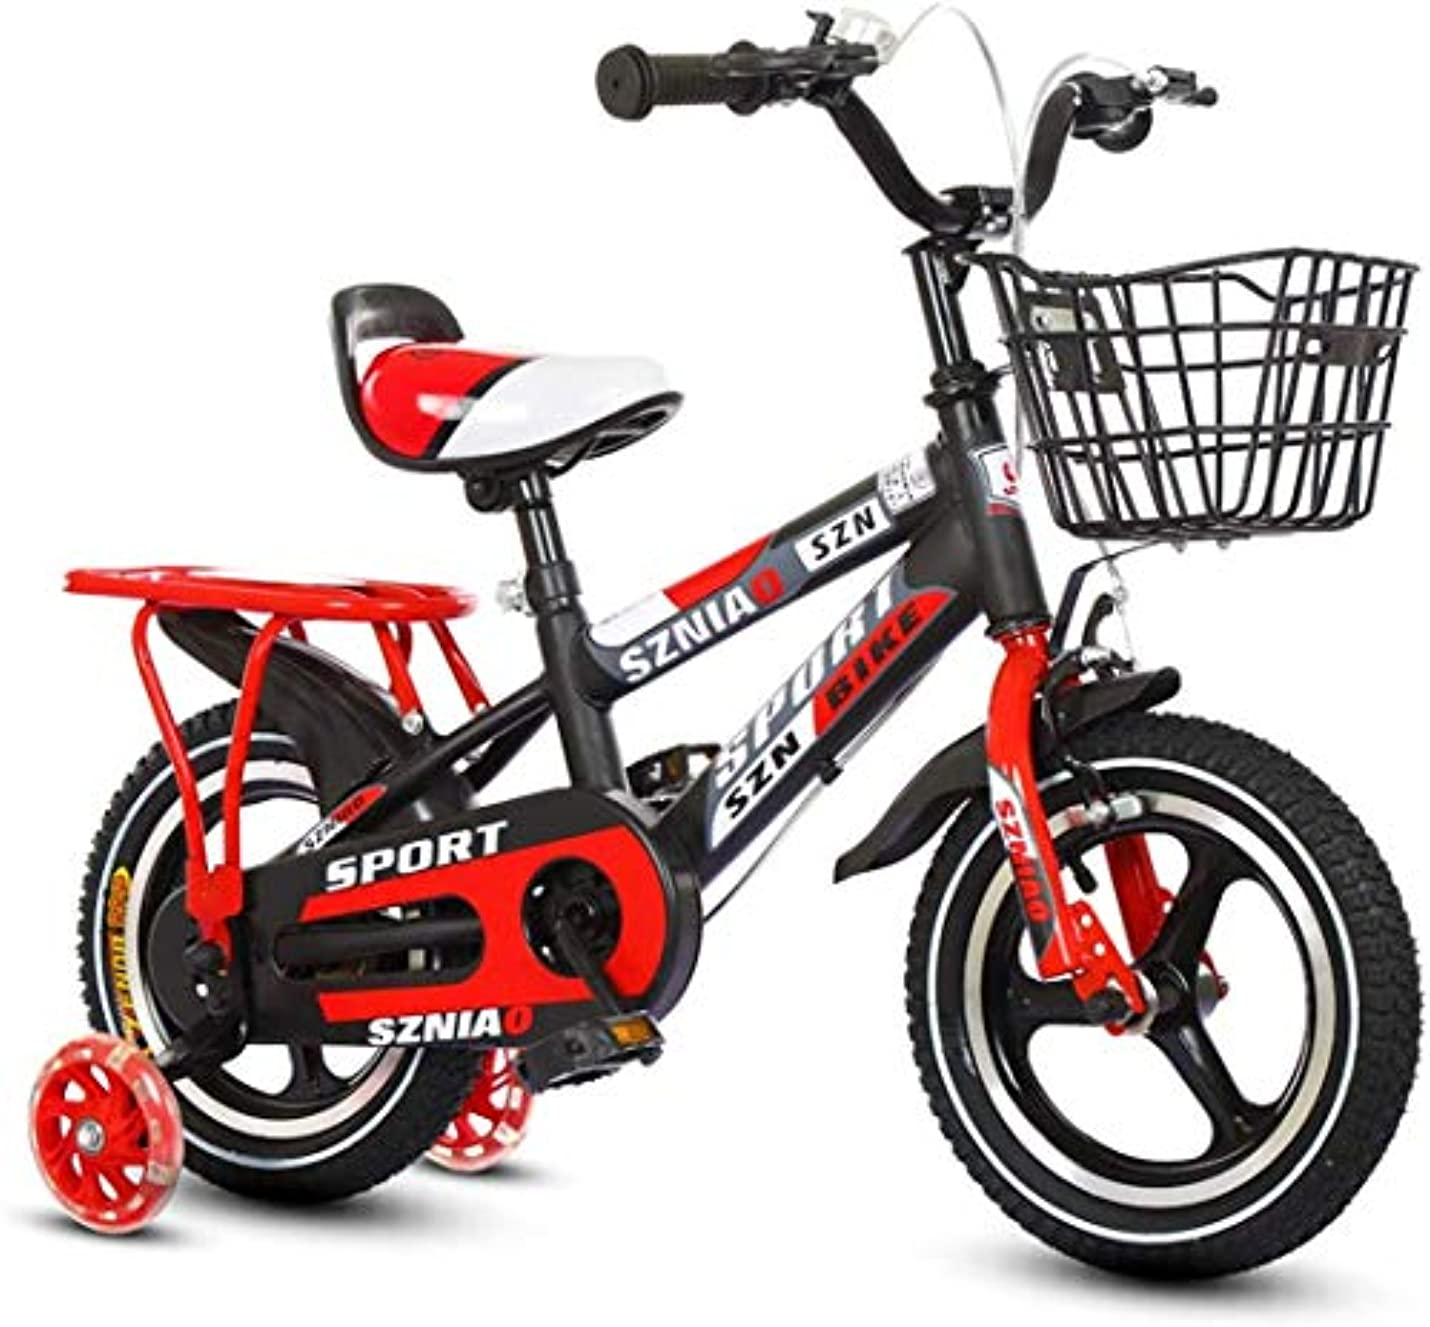 タオルささいなリフレッシュ子供のための2つの補助車輪および前部および後部ブレーキが付いている普遍的なバイクの懸濁液の自転車